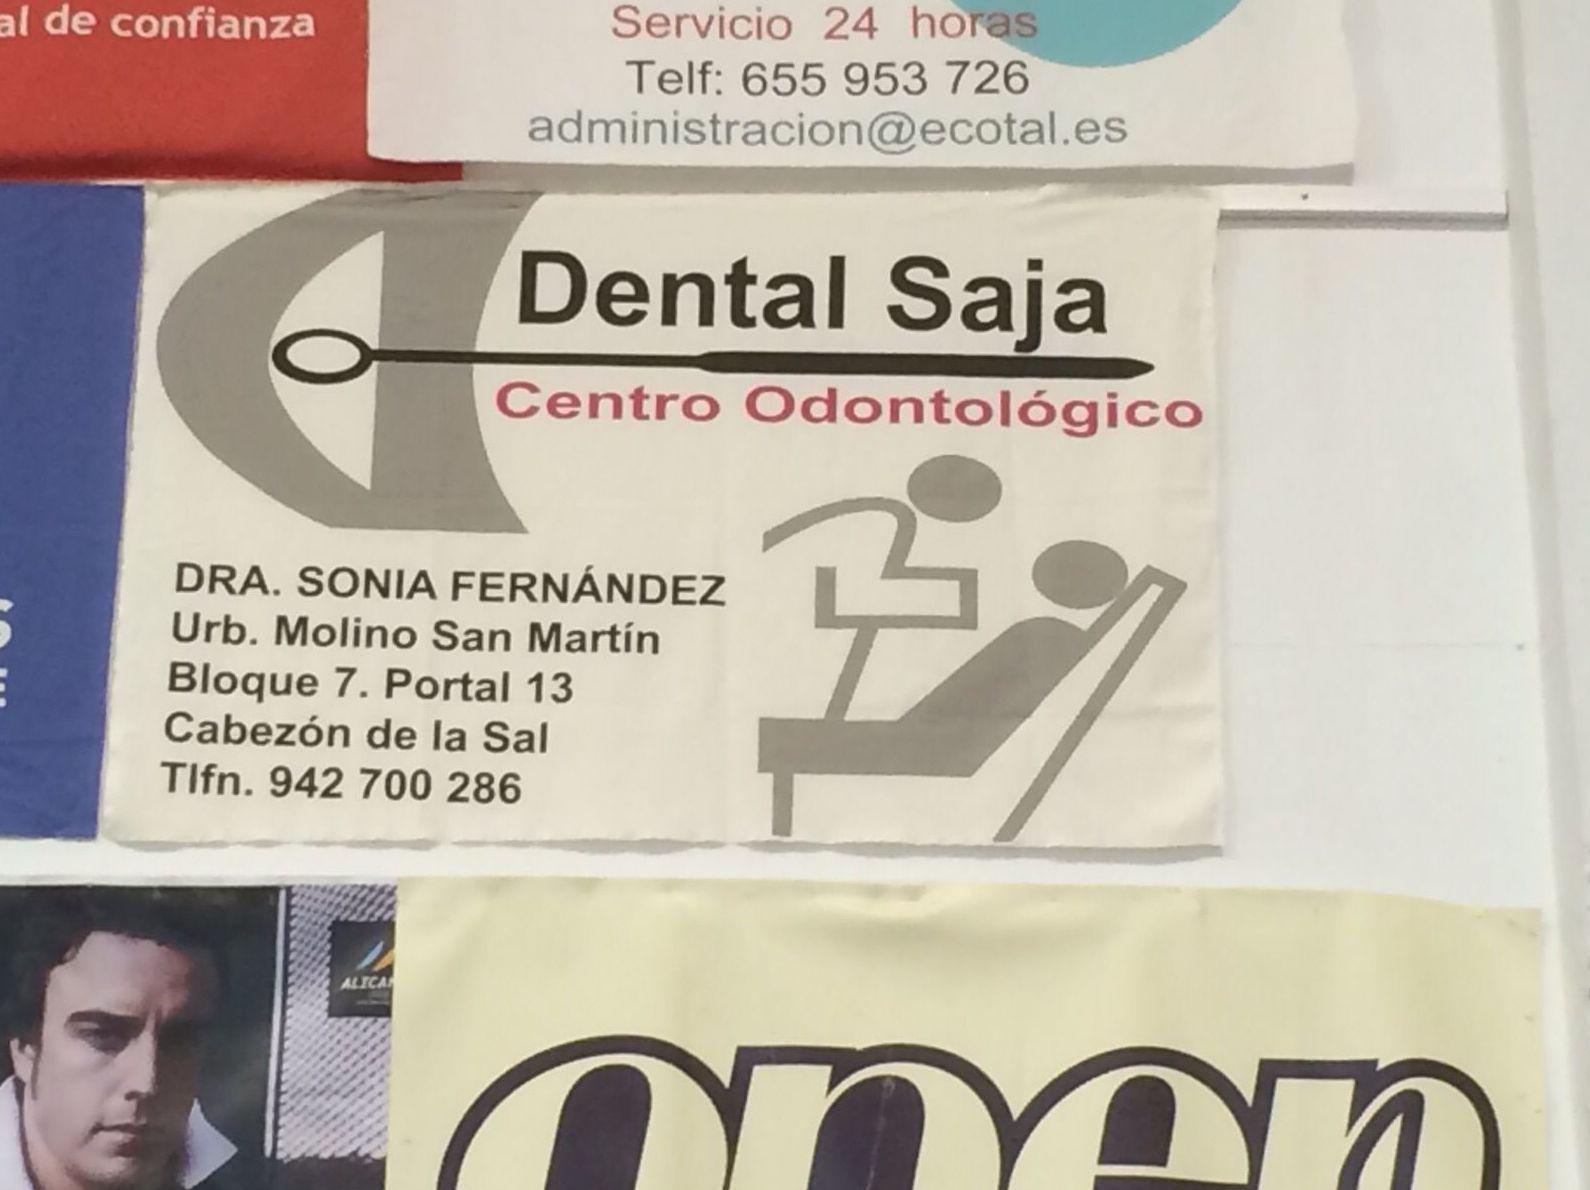 Dental Saja con el deporte. También apoyamos al volleyball